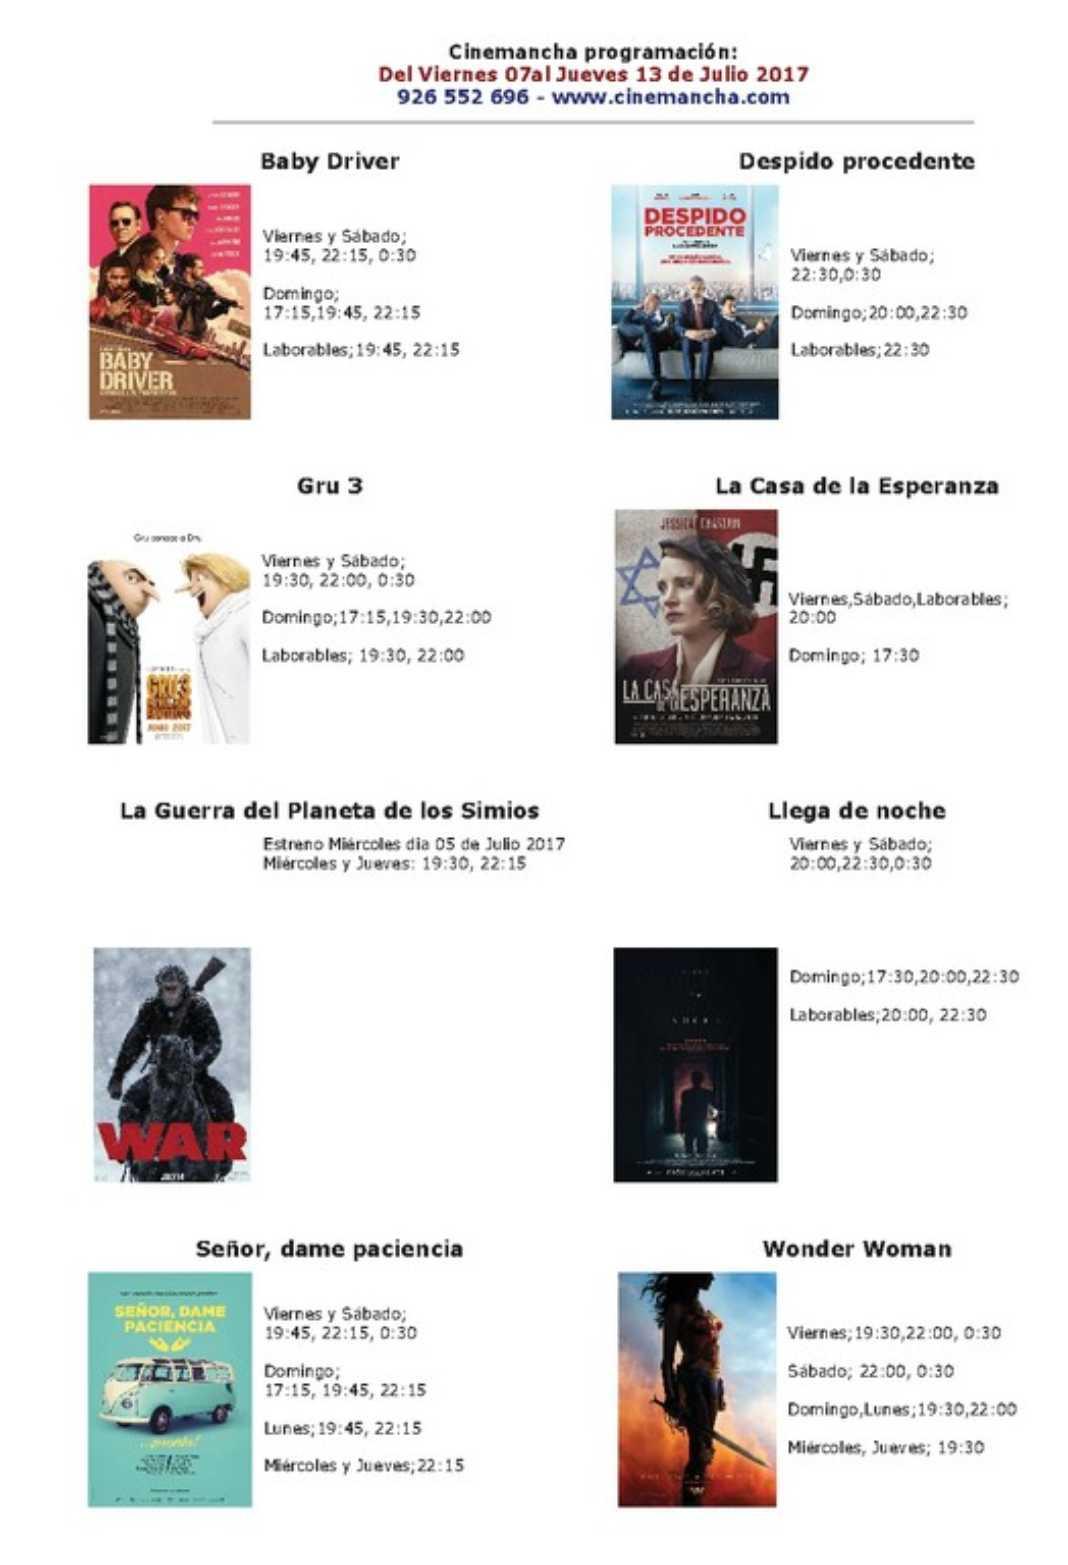 cartelera de cinemancha del 07 al 13 de julio 1068x1565 - Cartelera Cinemancha del viernes 7 al jueves 13 de julio